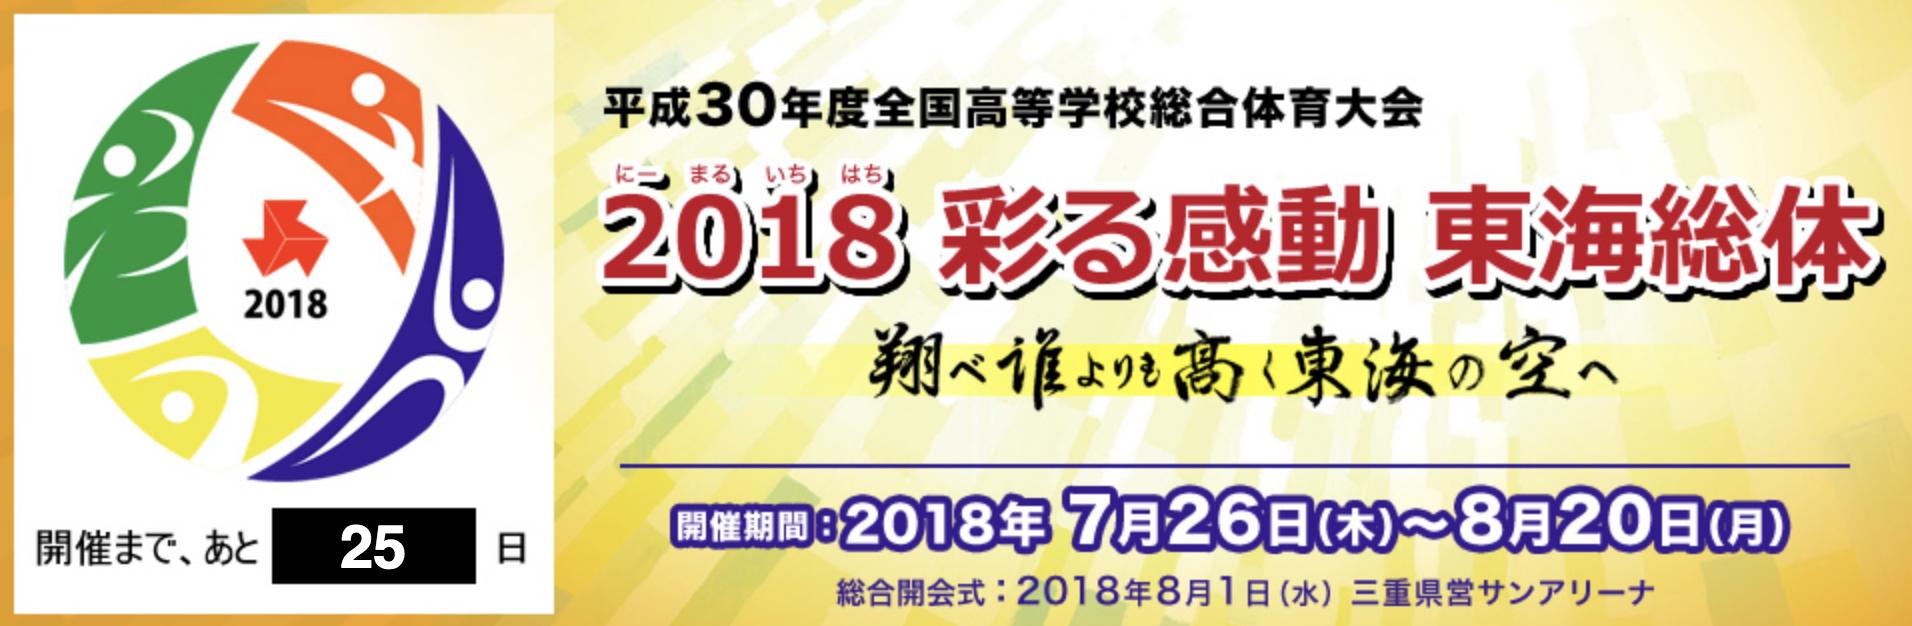 【2018インターハイ】全国高等学校総合体育大会 男女バレーボール 要項・組合せ